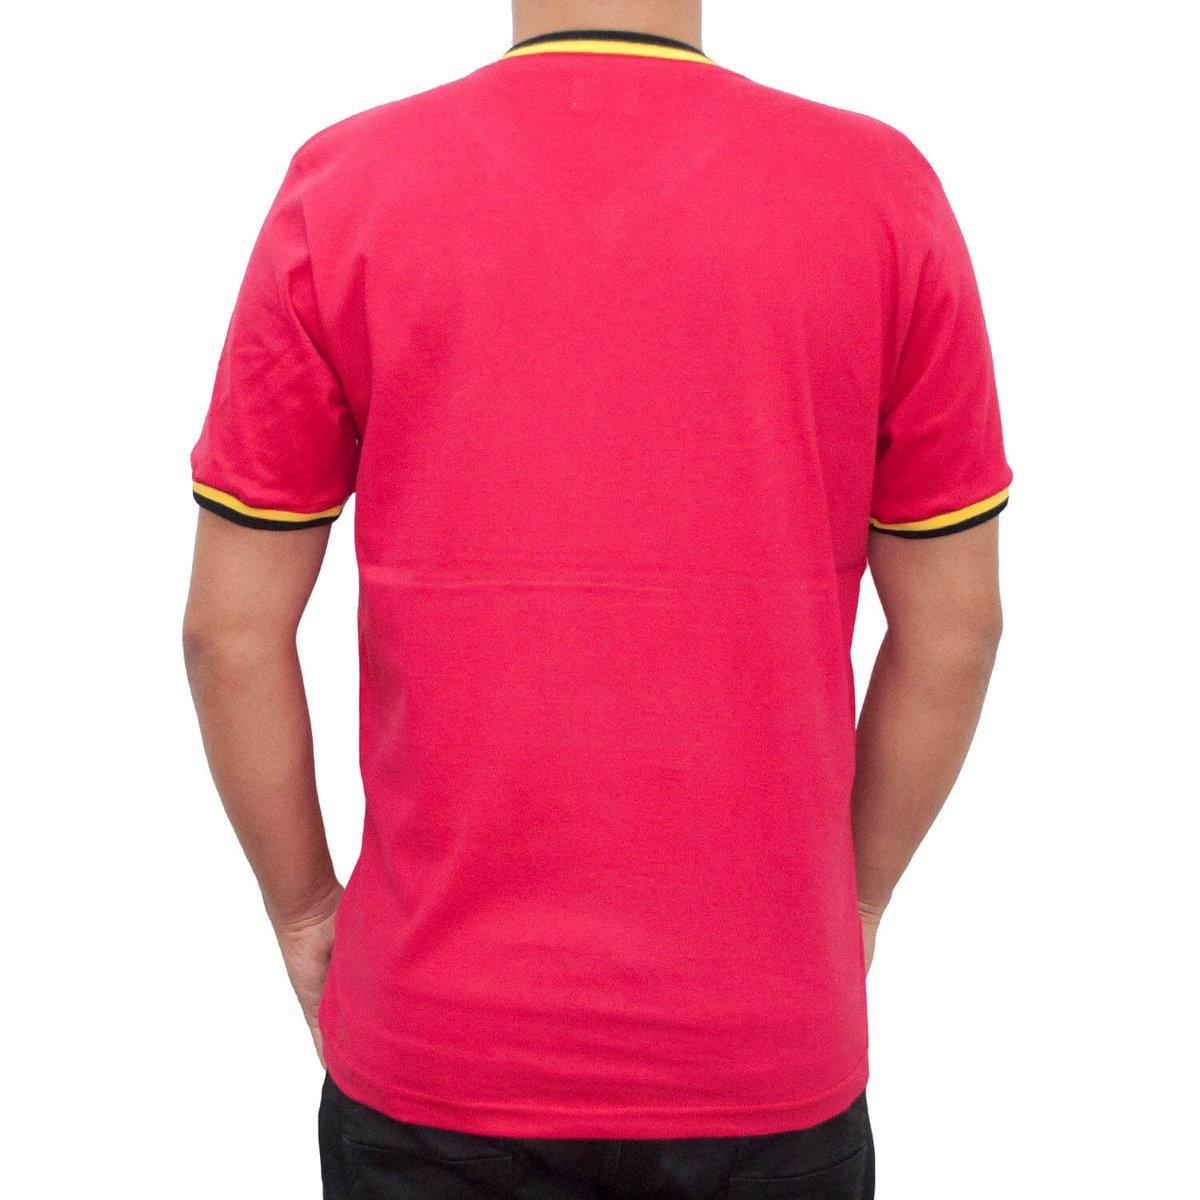 Camisa Retrô Mania Bélgica 1970 Masculina - Vermelho - Compre Agora ... 57334f425c3a4